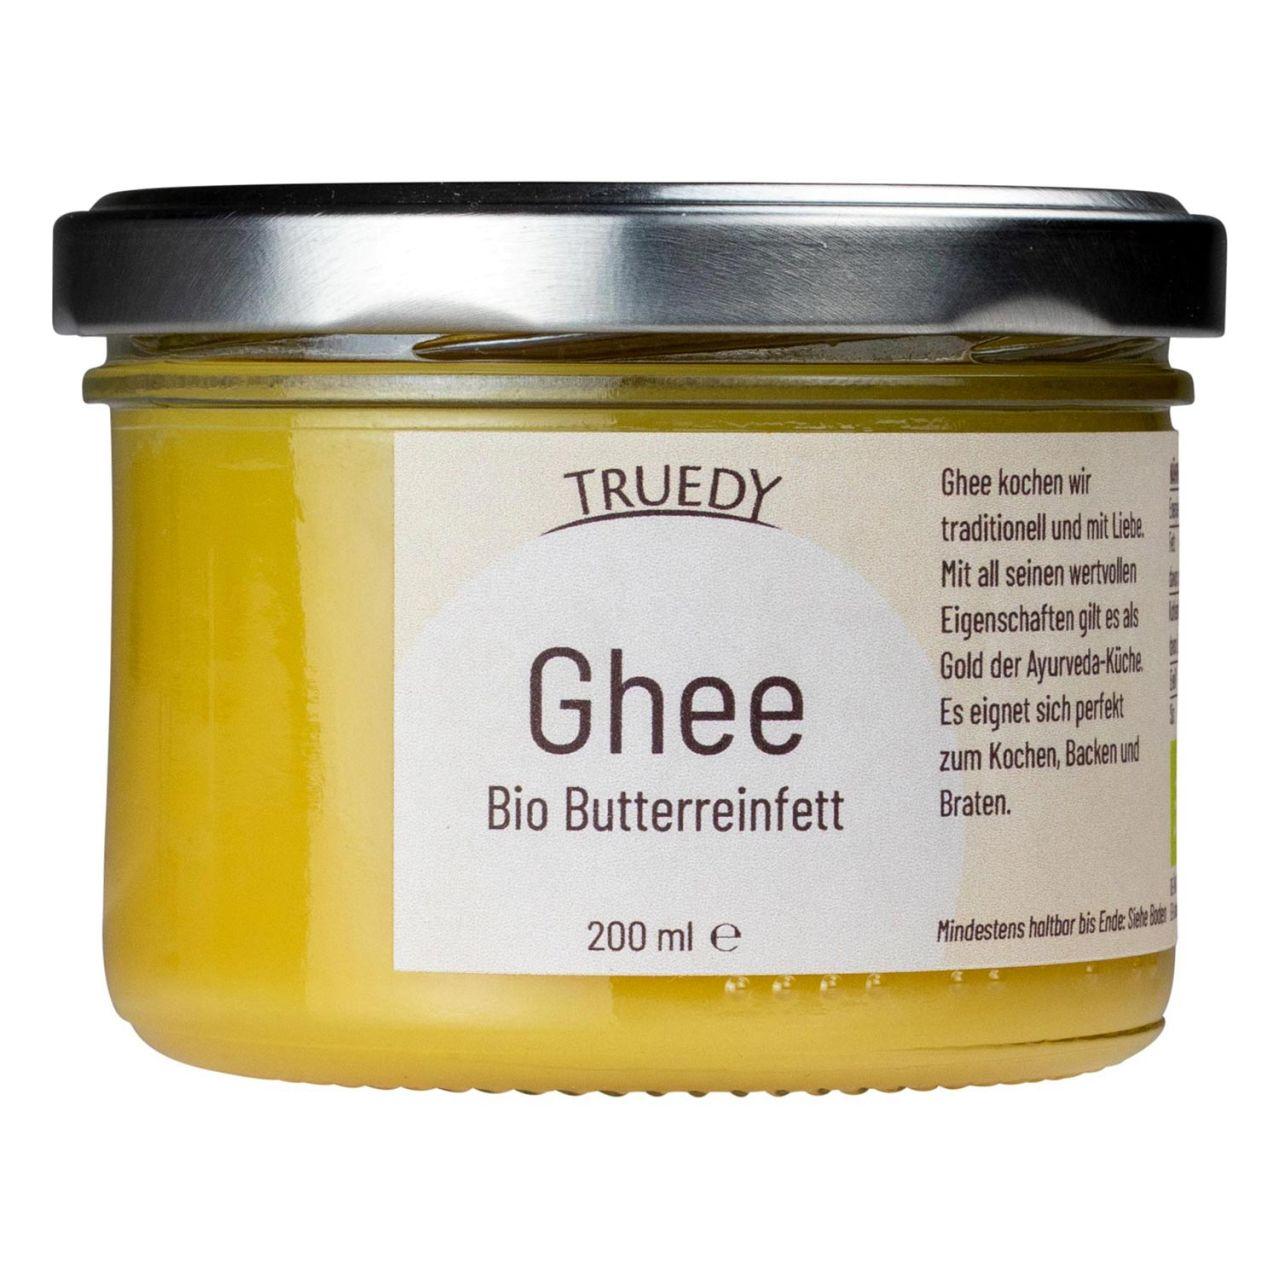 Truedy Ghee Schraubglas Bio Butterreinfett von vorne